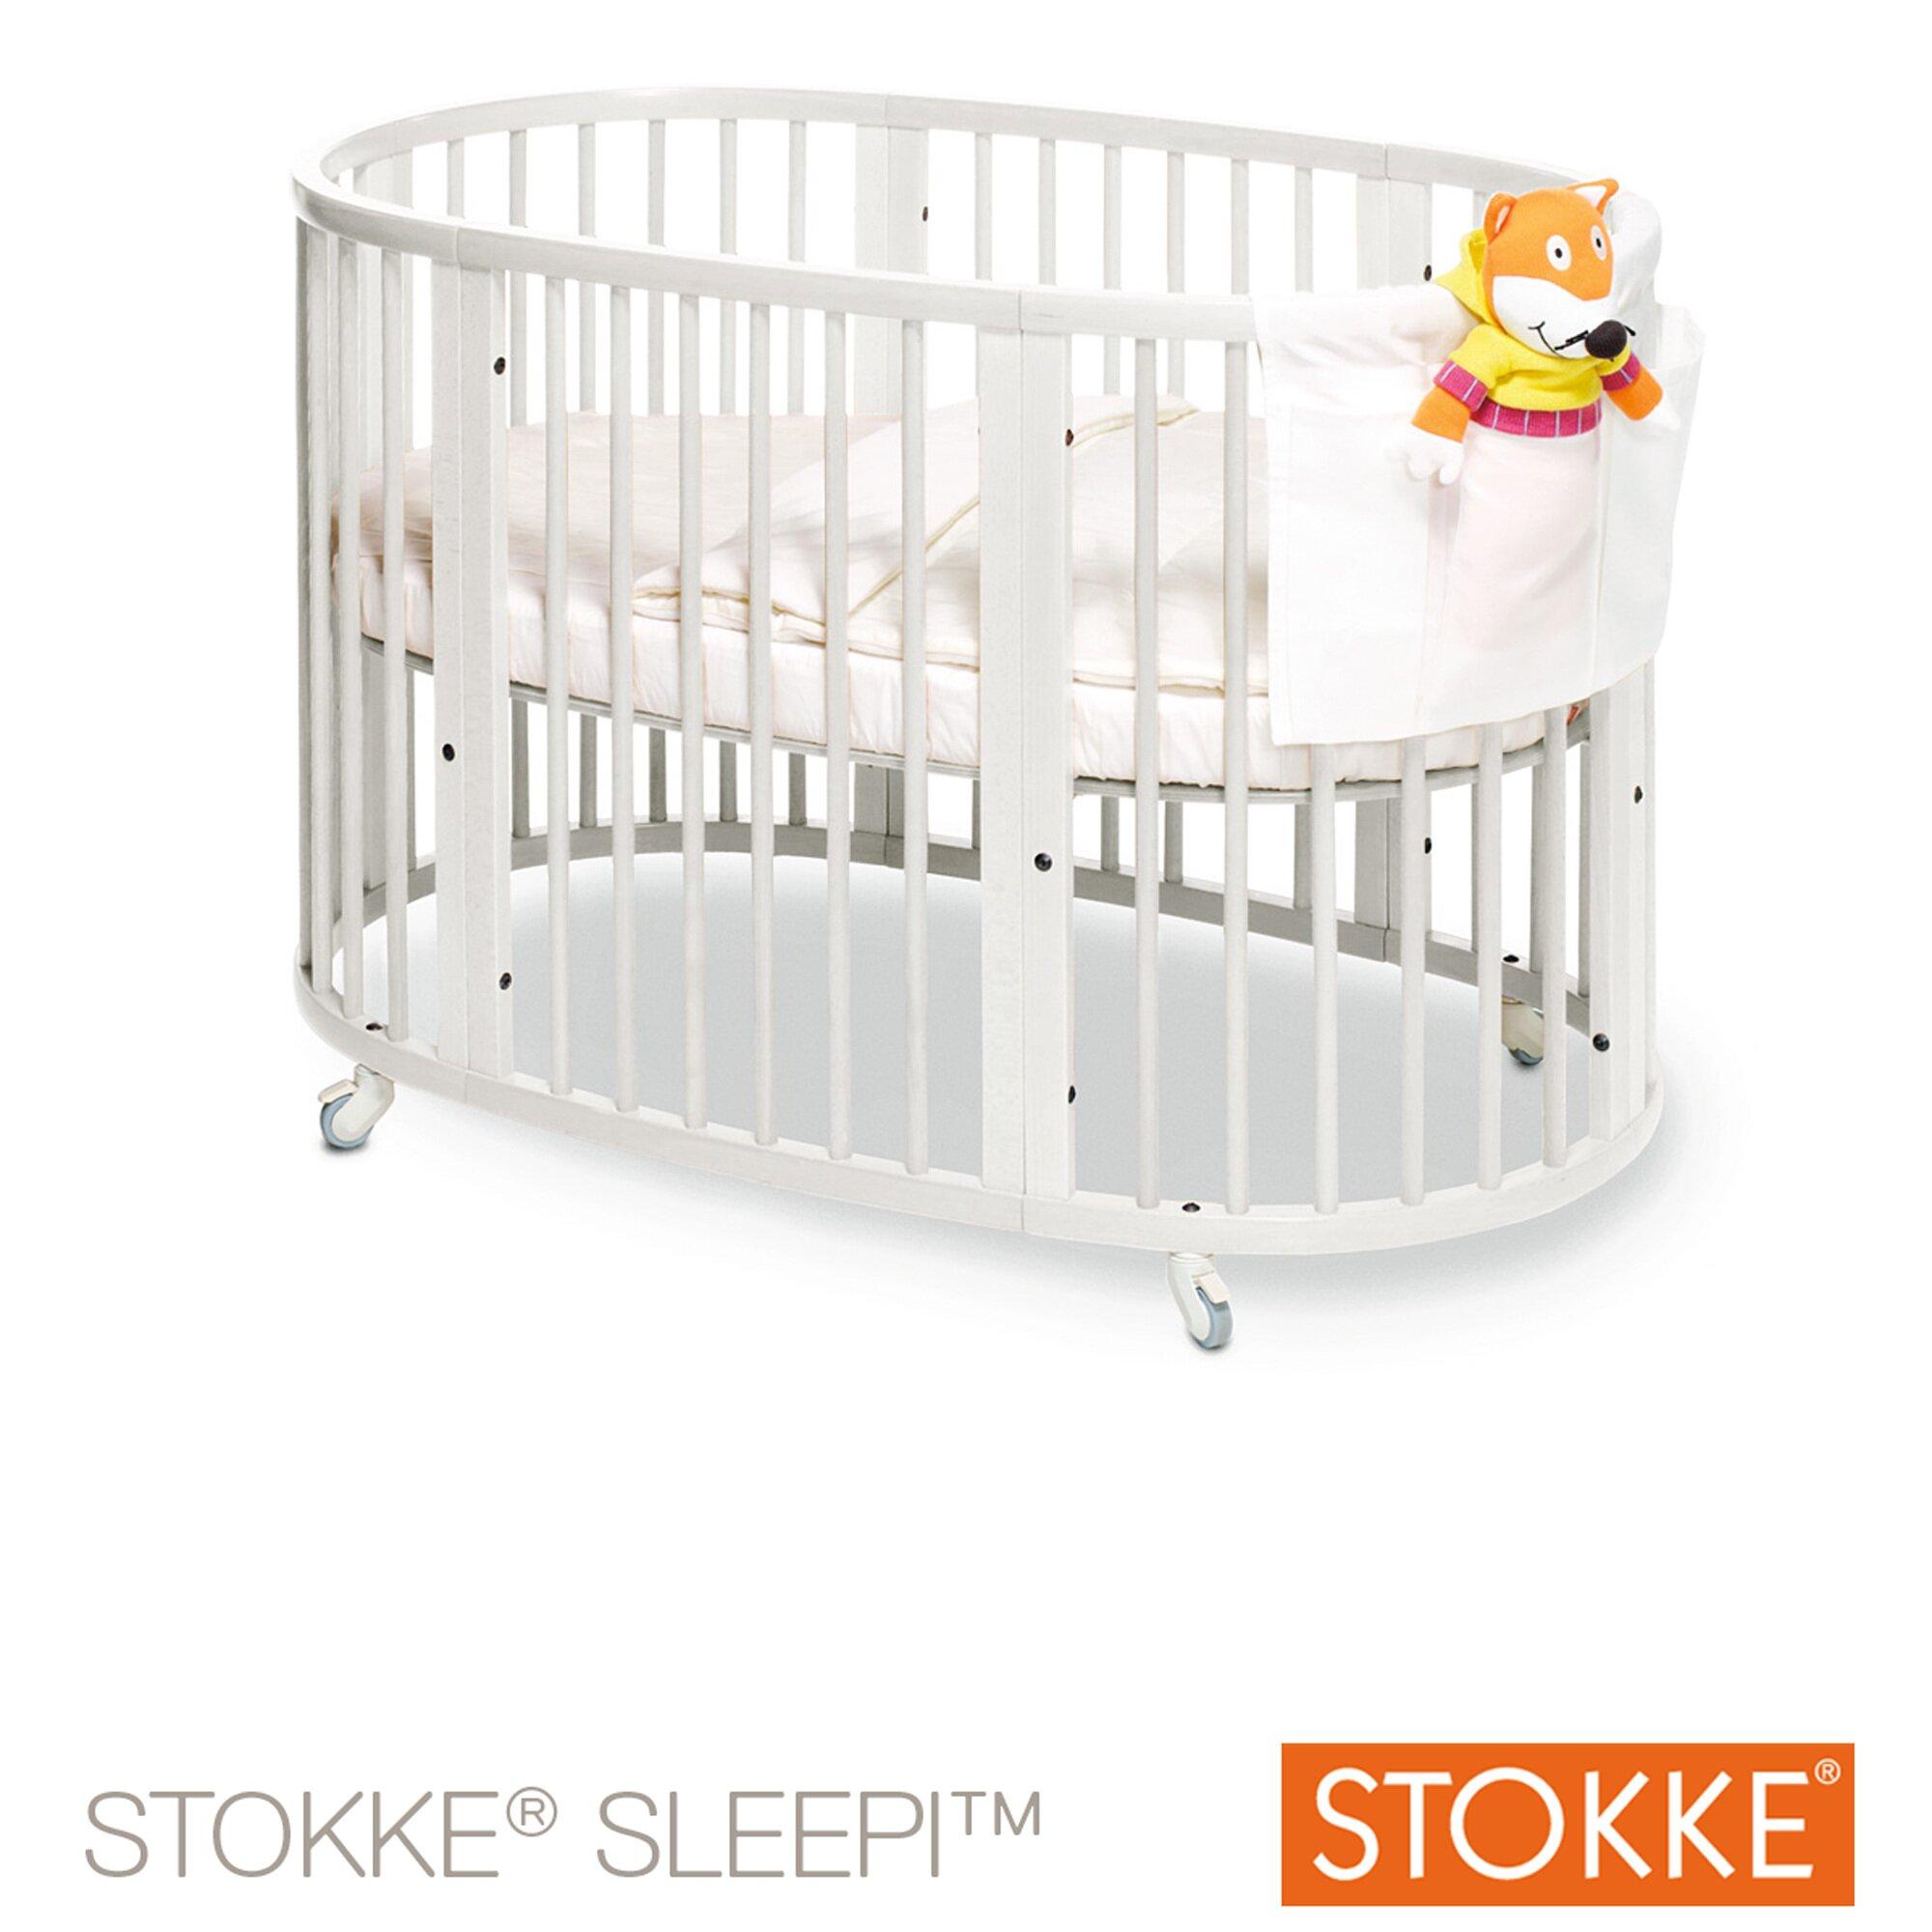 sleepi-babybett-sleepi-120-cm